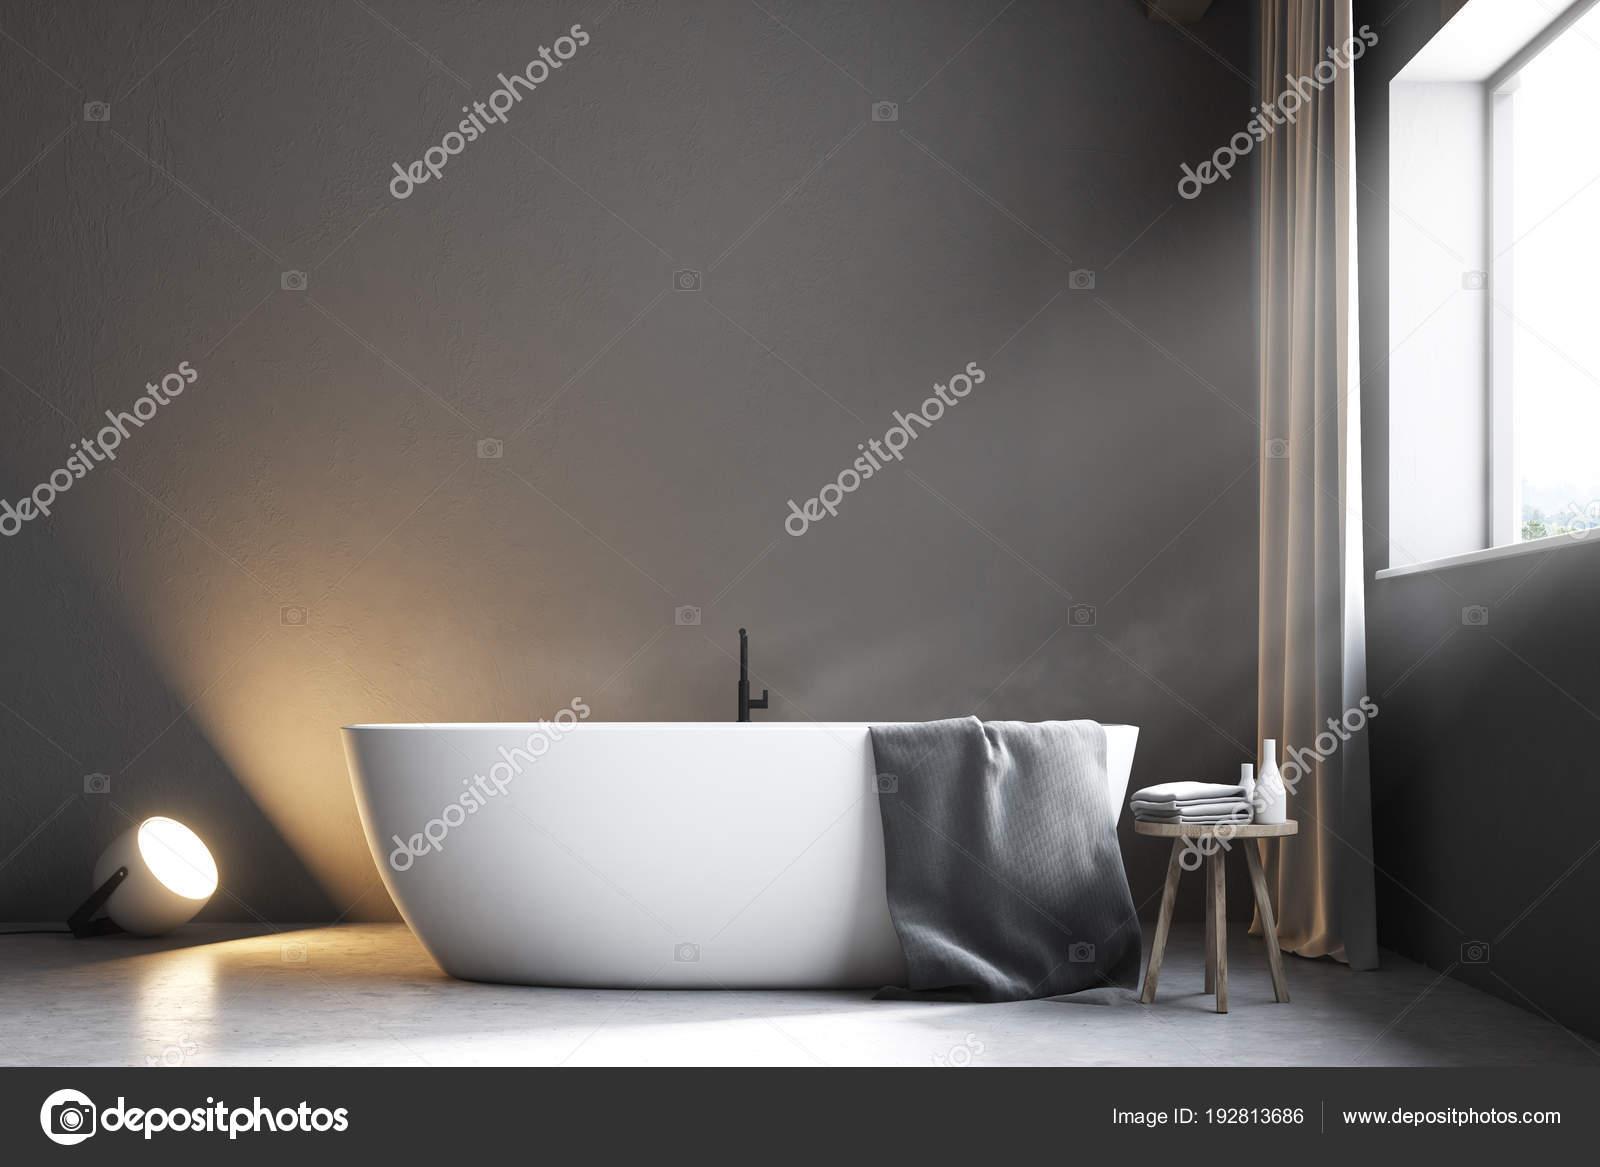 Vasca Da Bagno Con Tenda : Bagno grigio con tende nelle vicinanze fino vista frontale u foto